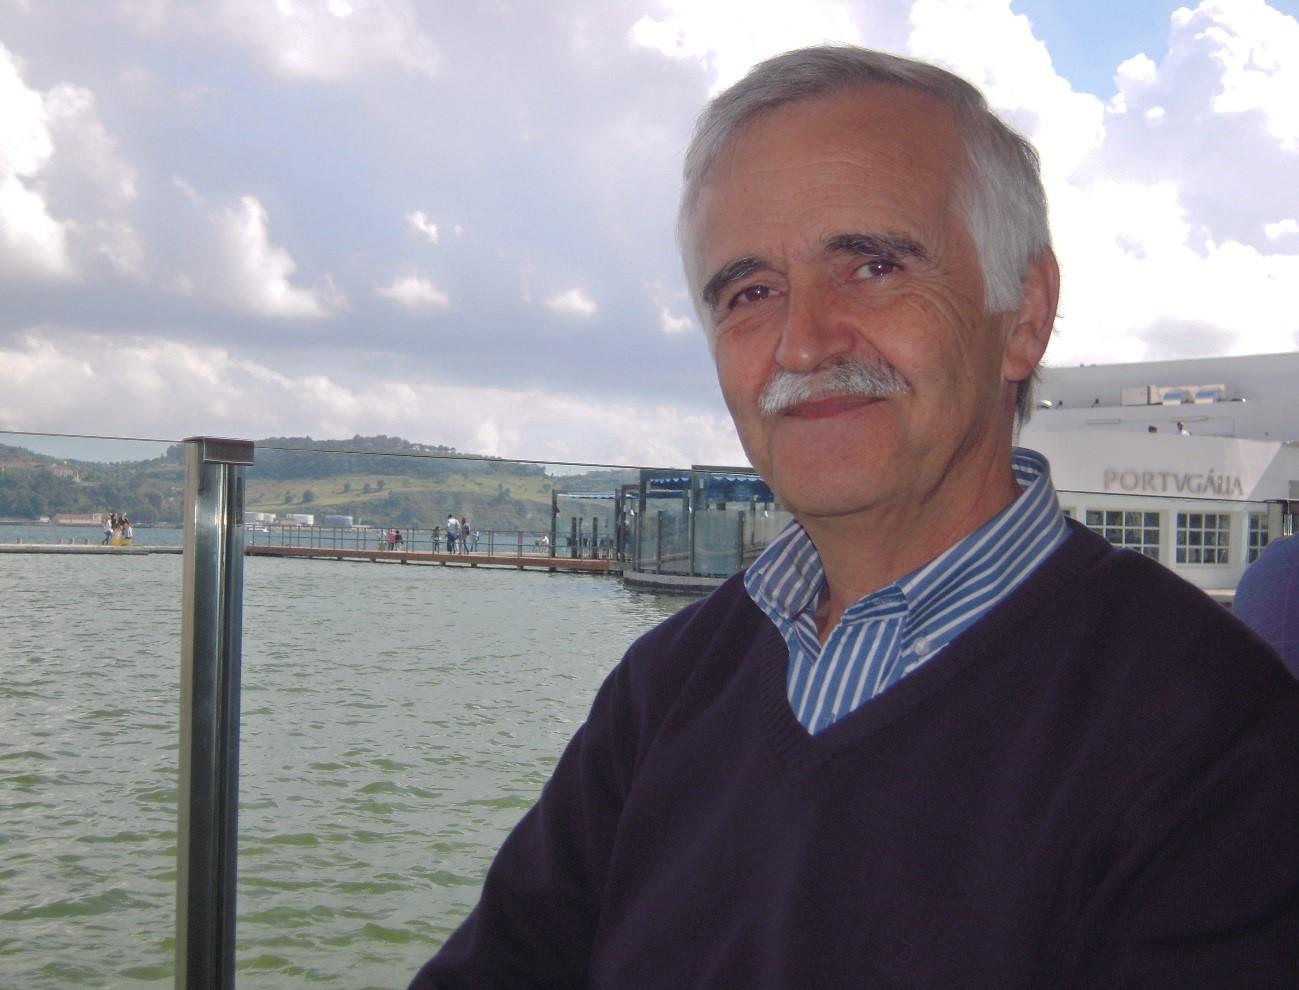 Maciel Barbosa